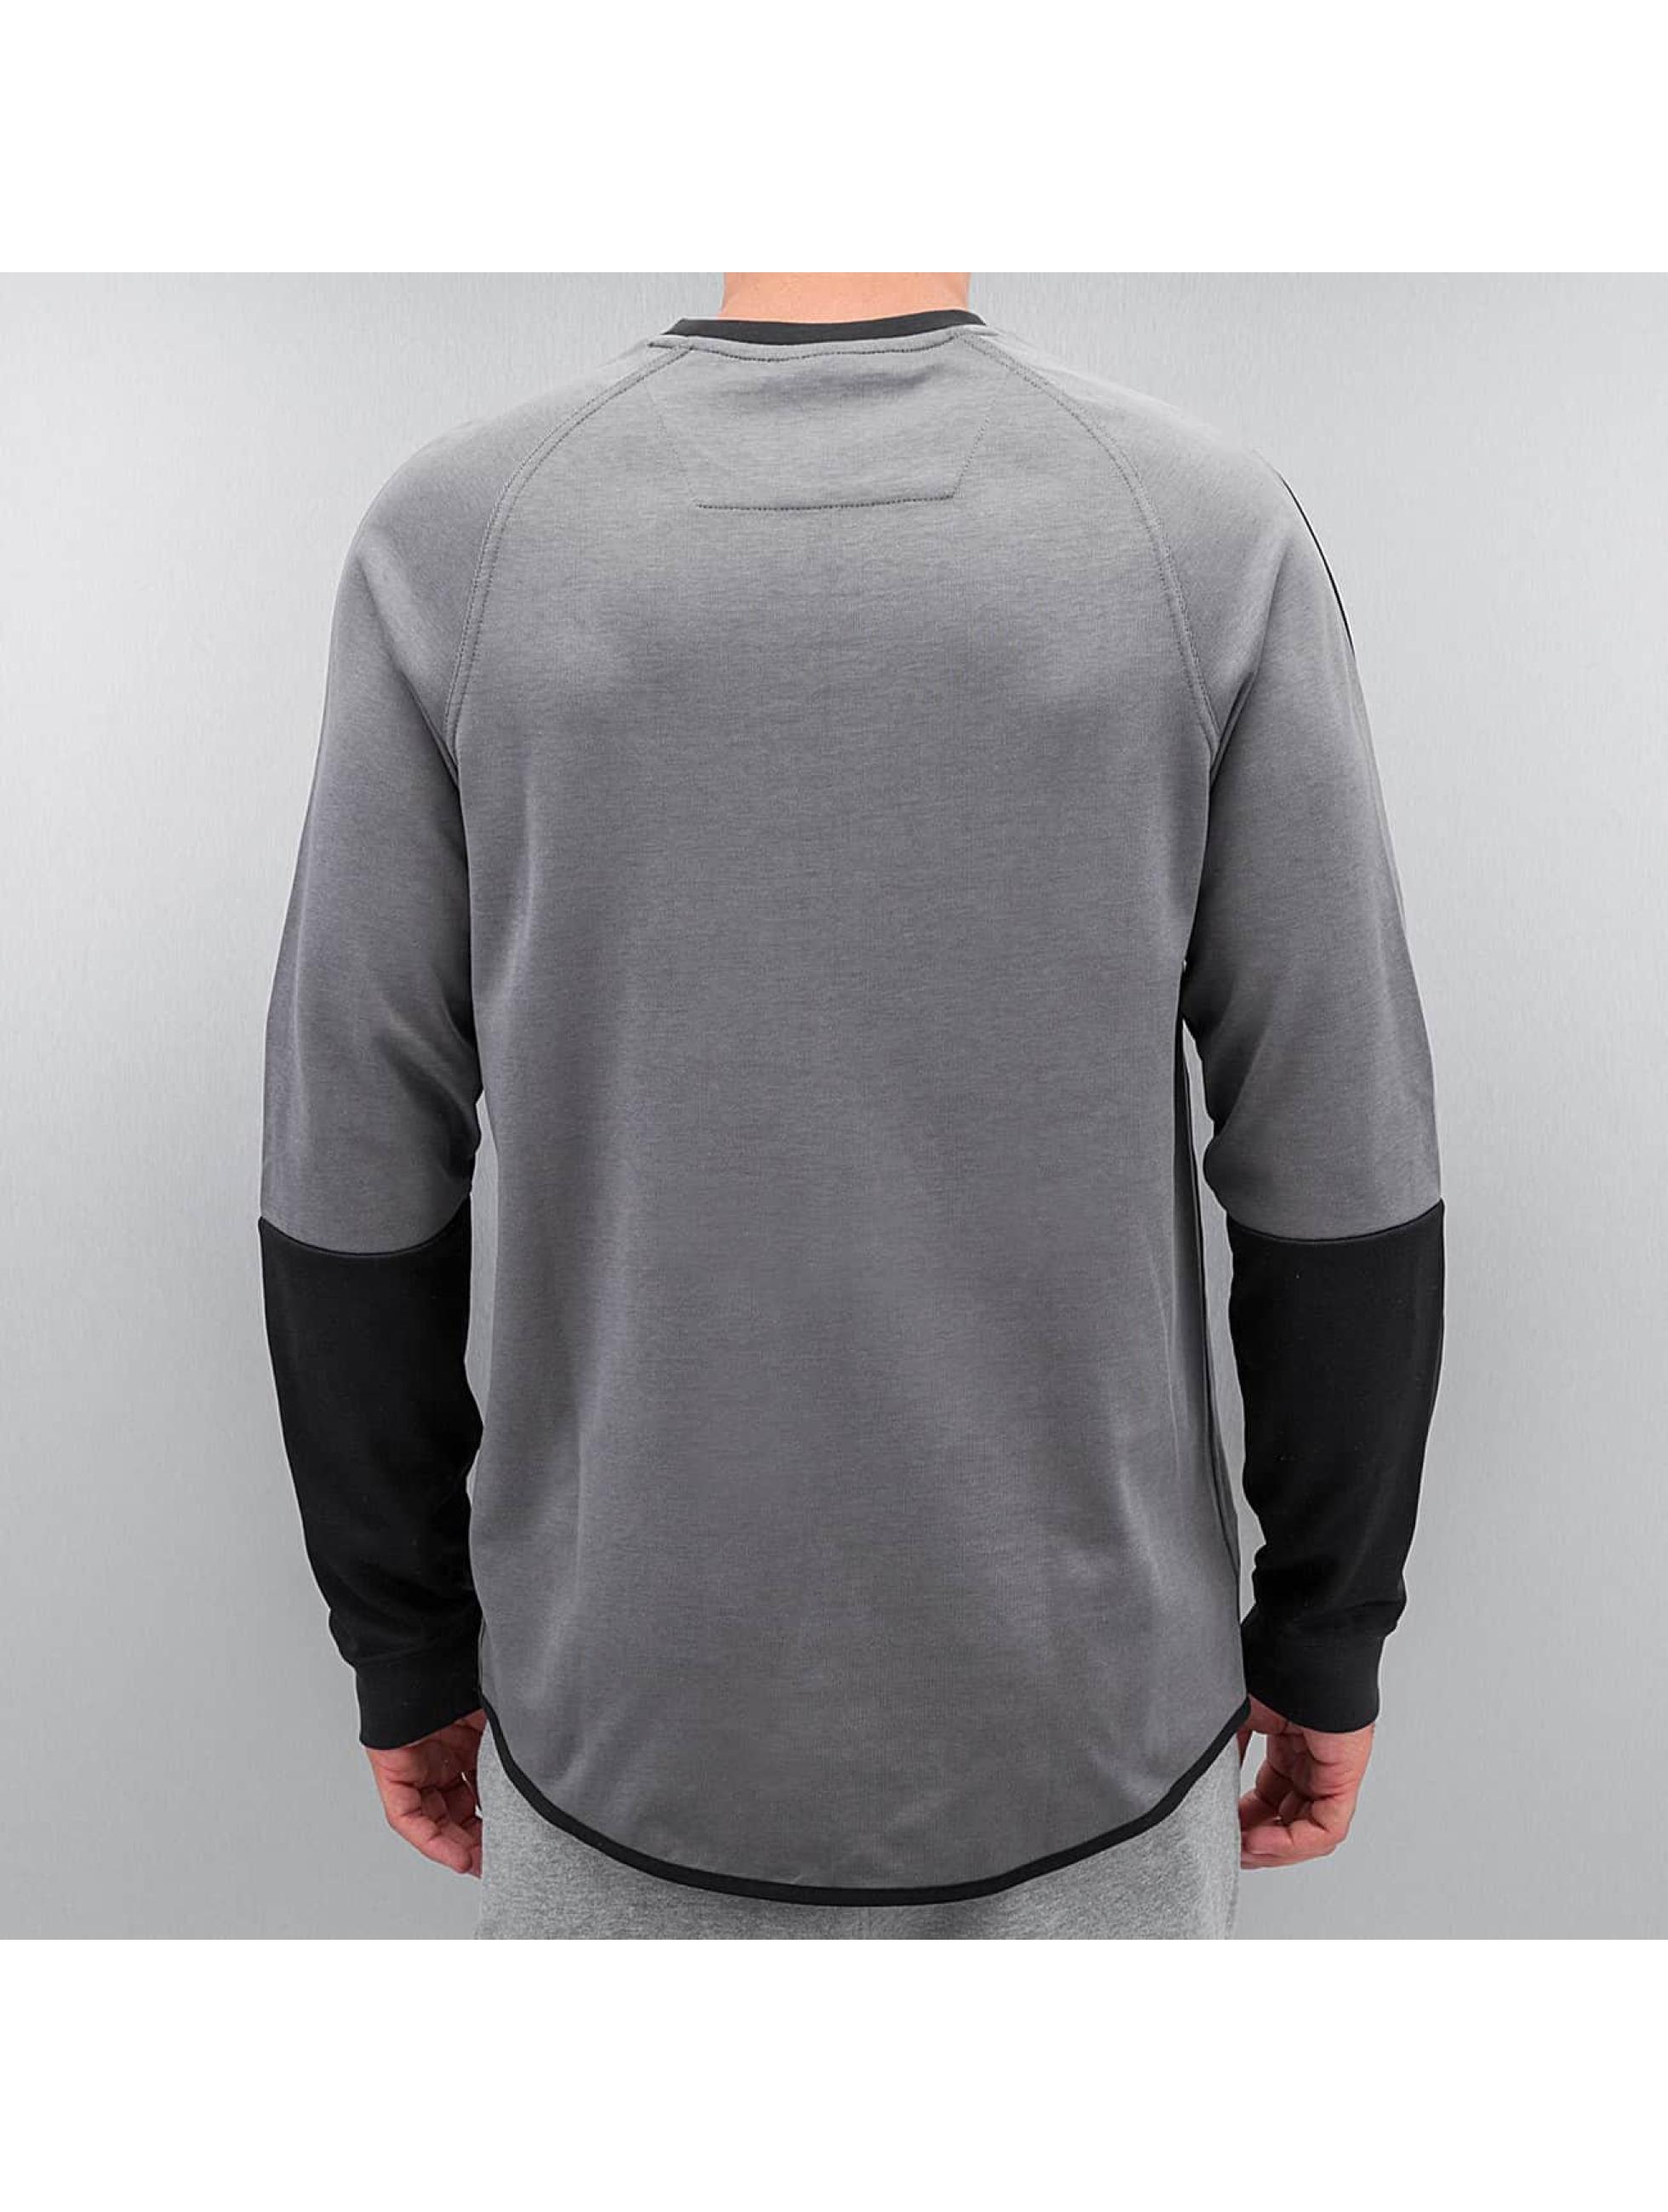 Nike trui Sportswear Advance 15 grijs